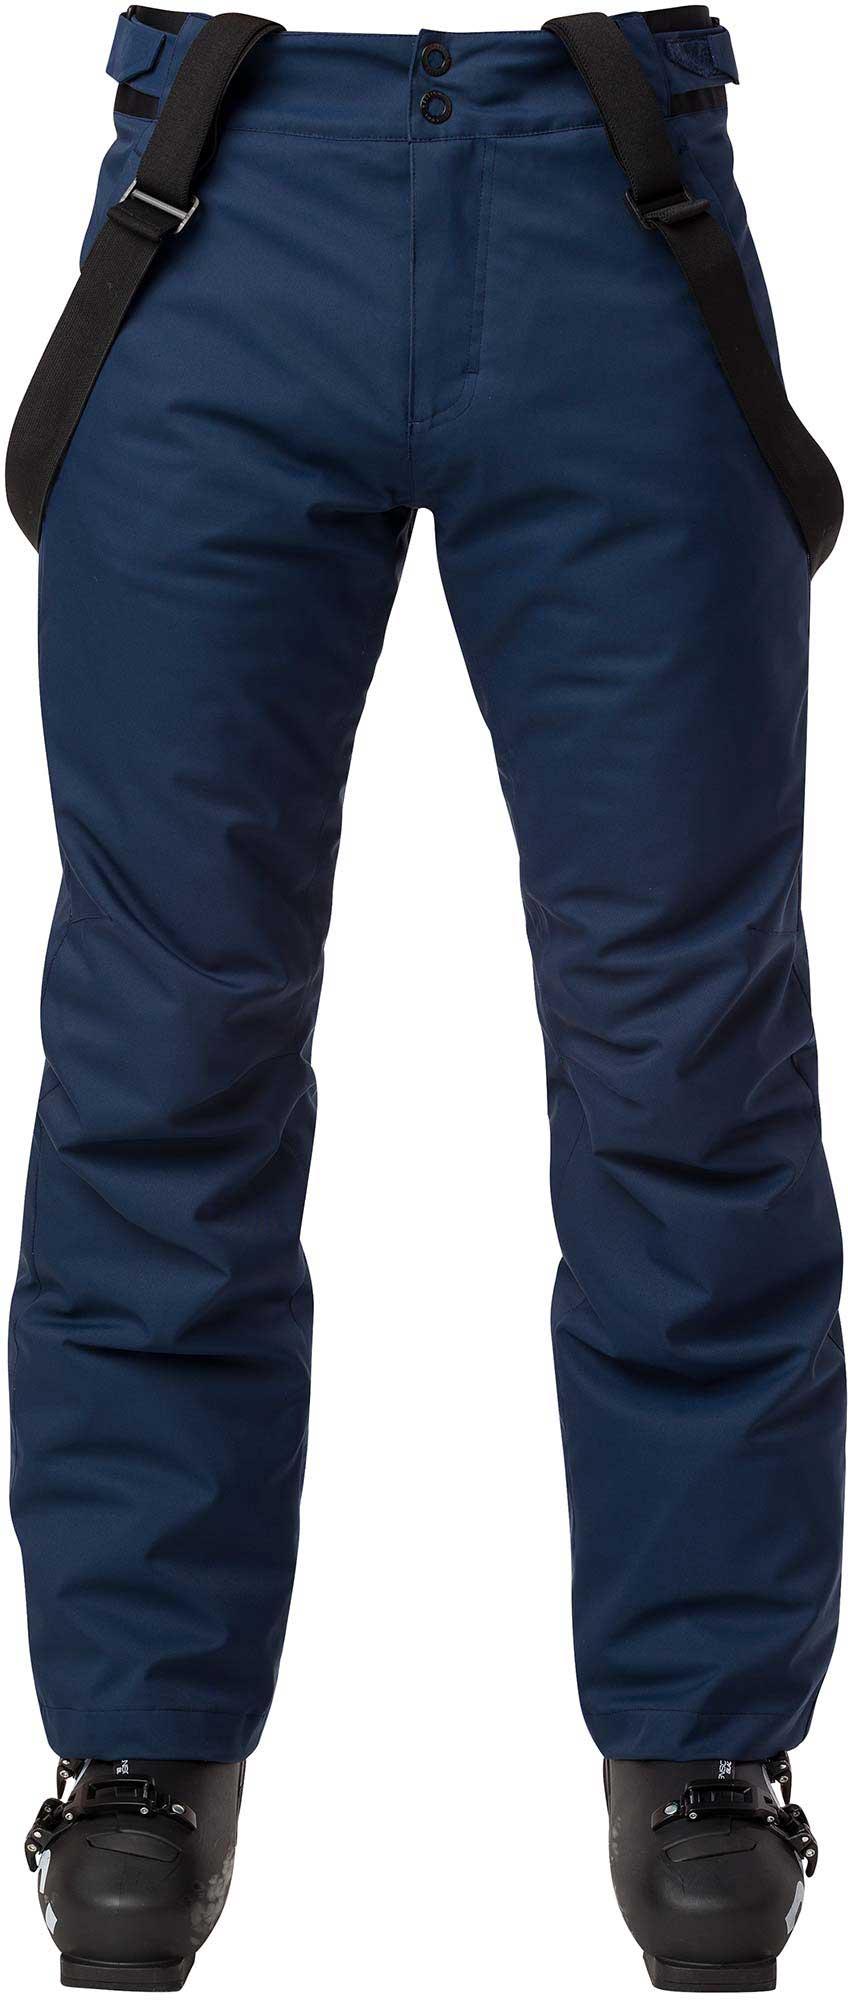 Rossignol nohavice Ski Pant dark blue Velikost: XL